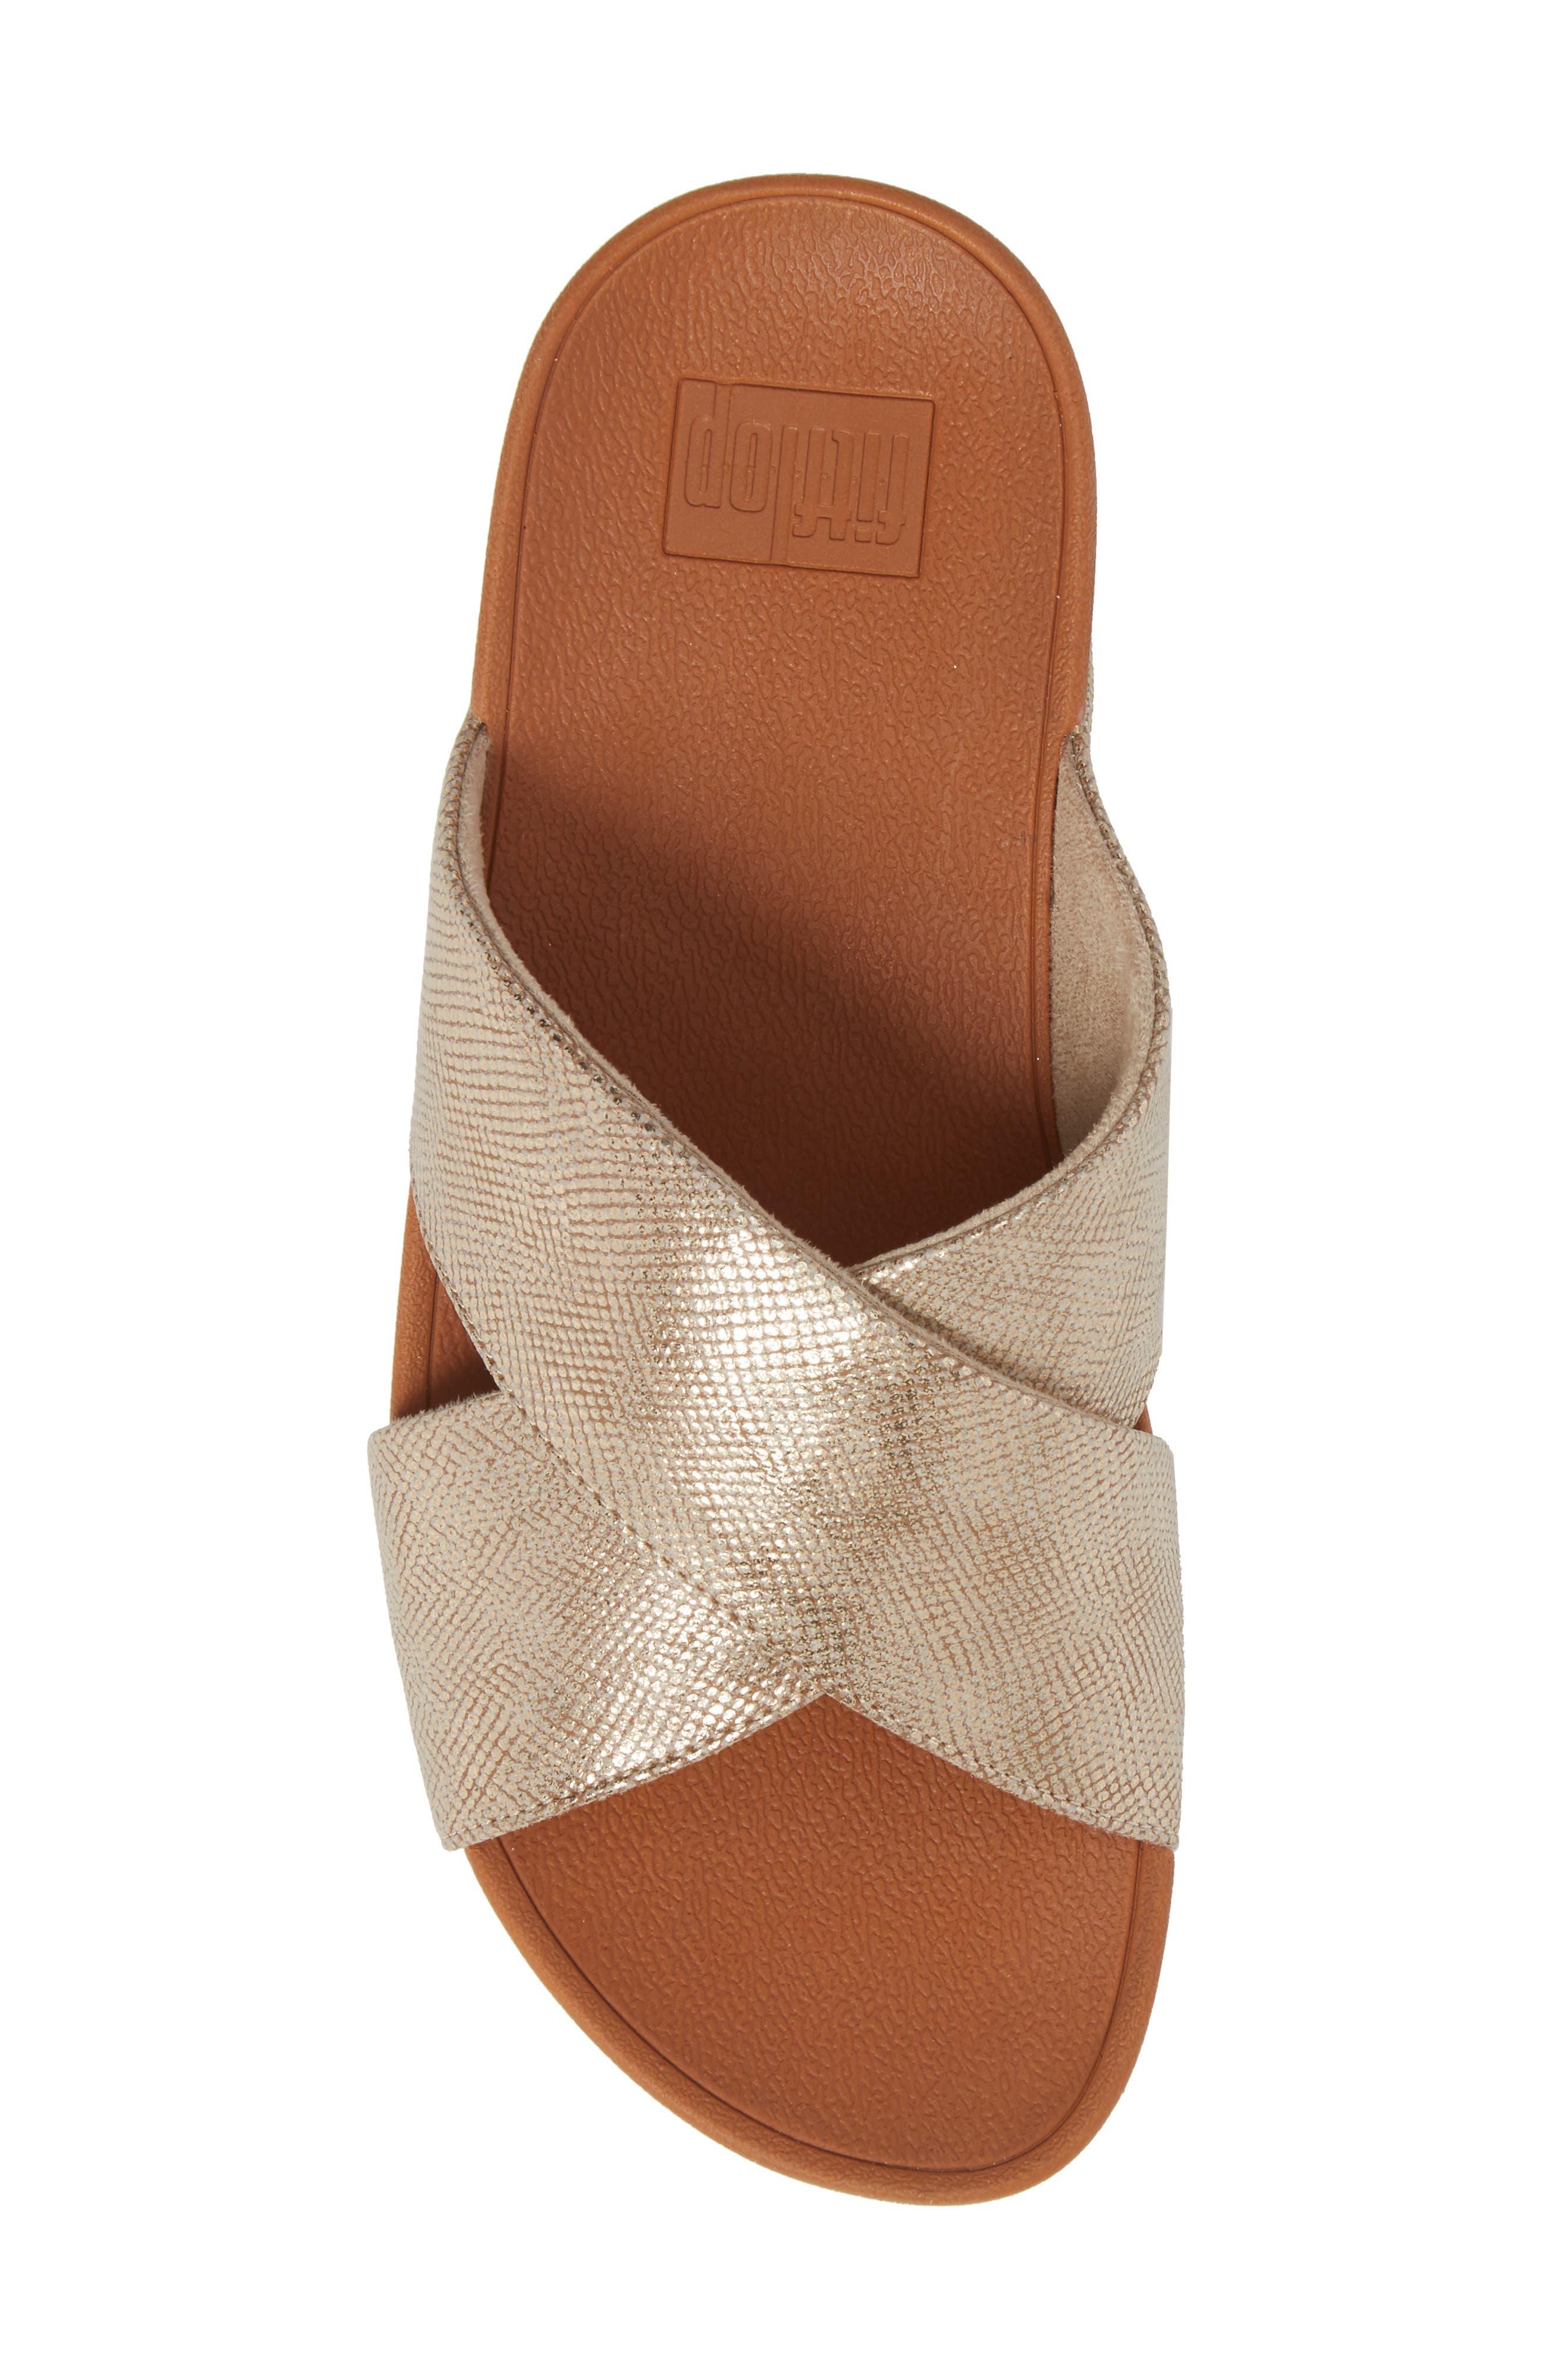 Lulu Cross Slide Sandal,                             Alternate thumbnail 5, color,                             Gold Shimmer Print